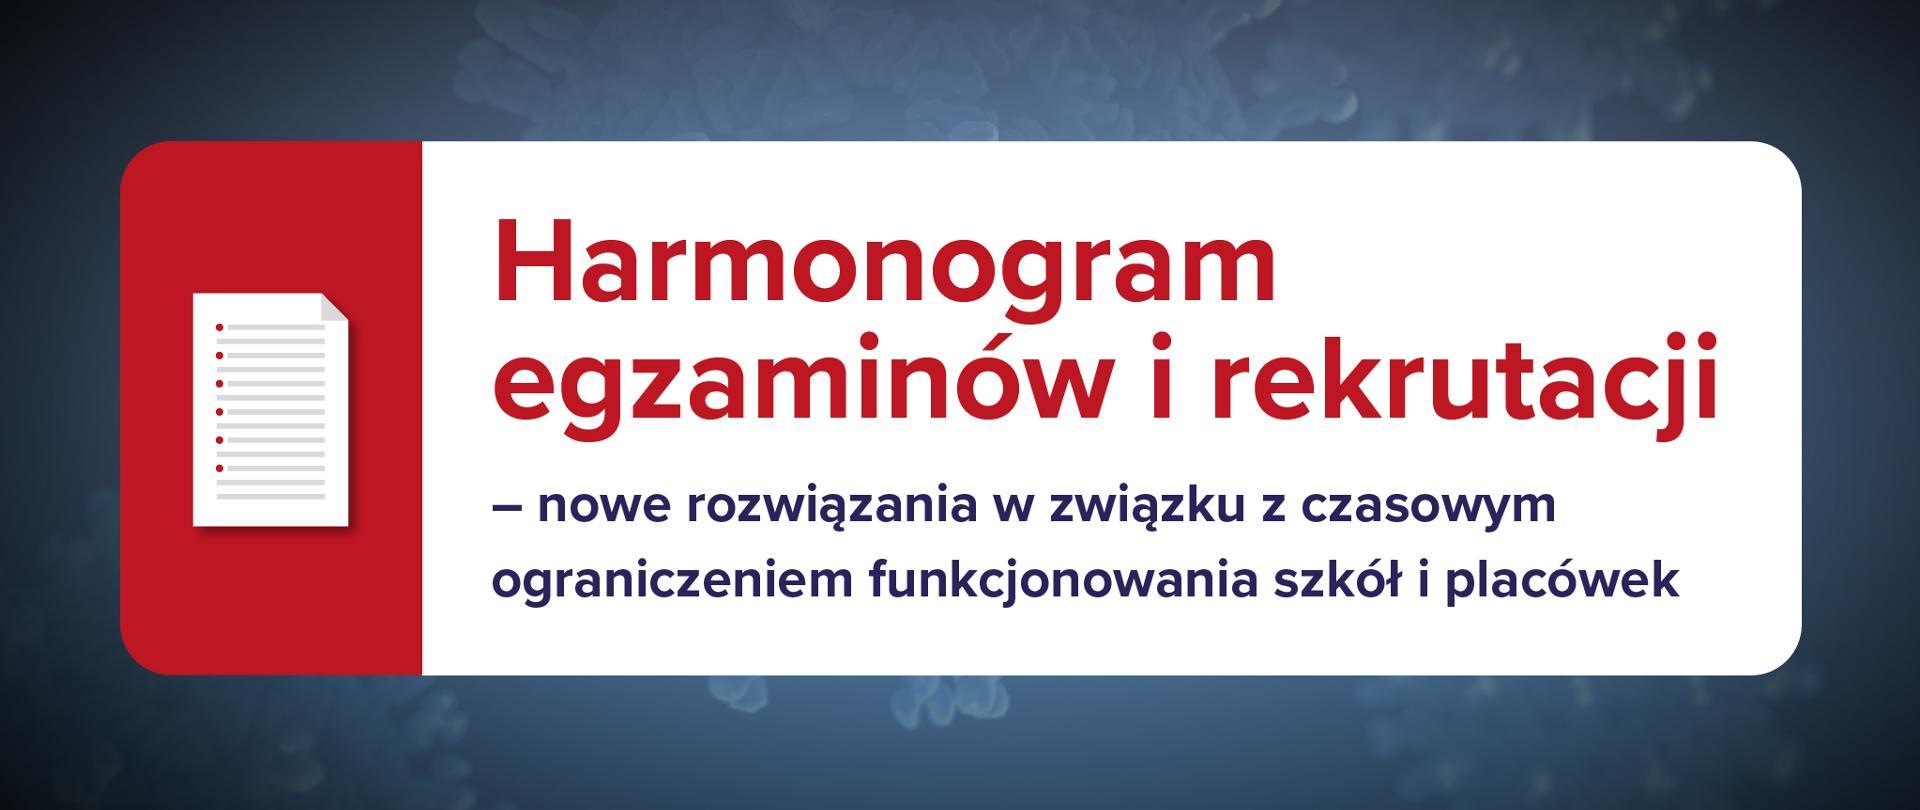 Grafika z napisem Harmonogram egzaminów i rekrutacji – nowe rozwiązania w związku z czasowym ograniczeniem funkcjonowania szkół i placówek